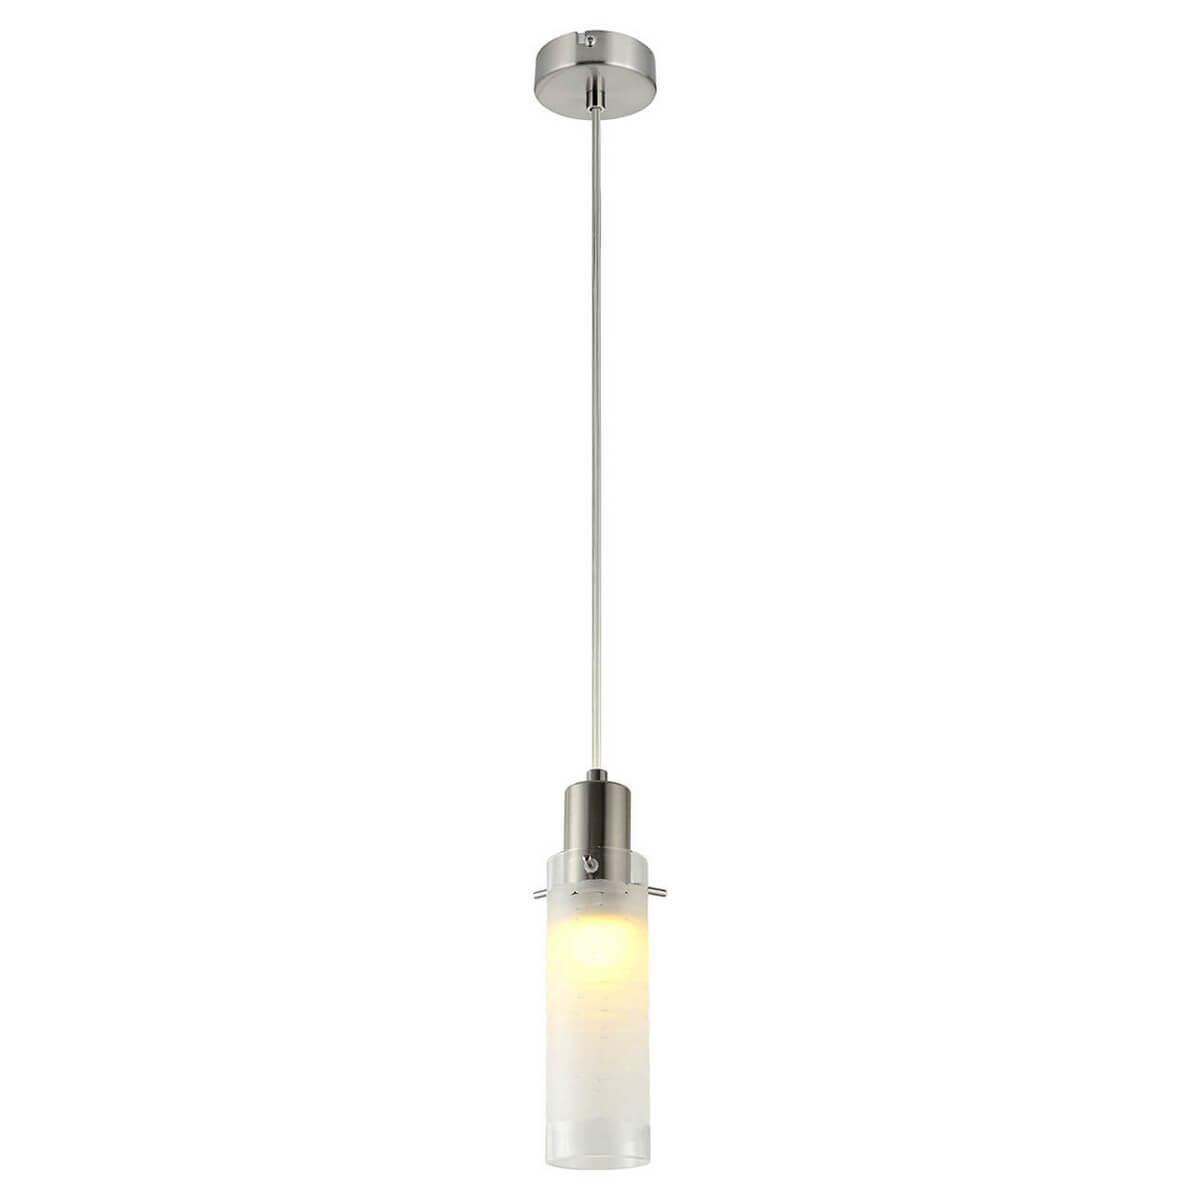 Подвесной светильник Lussole Lgo GRLSP-9982 подвесной светильник lussole grlsp 9654 красный